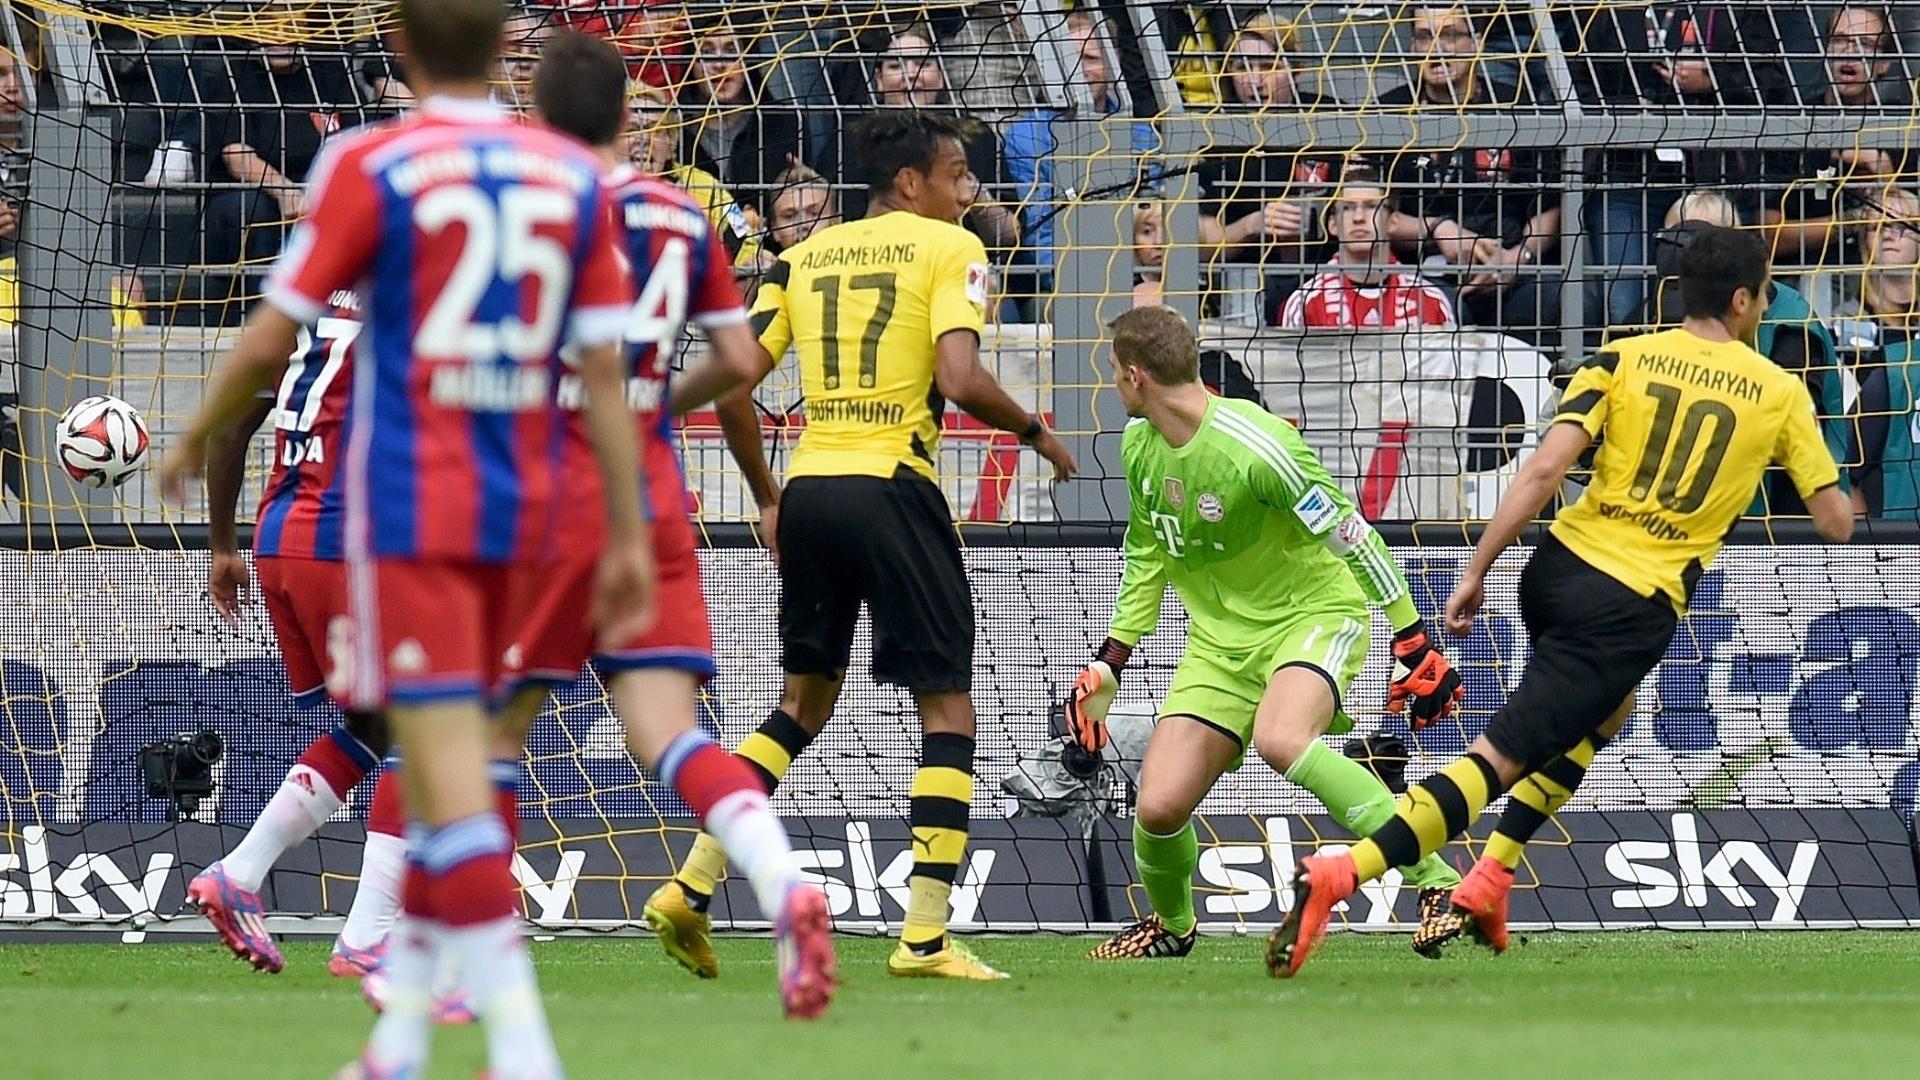 Goleiro campeão do mundo pela seleção alemã Manuel Neuer apenas olha a bola entrar no gol na partida do Bayern de Munique contra o Borussia Dortmund pela Supercopa da Alemanha